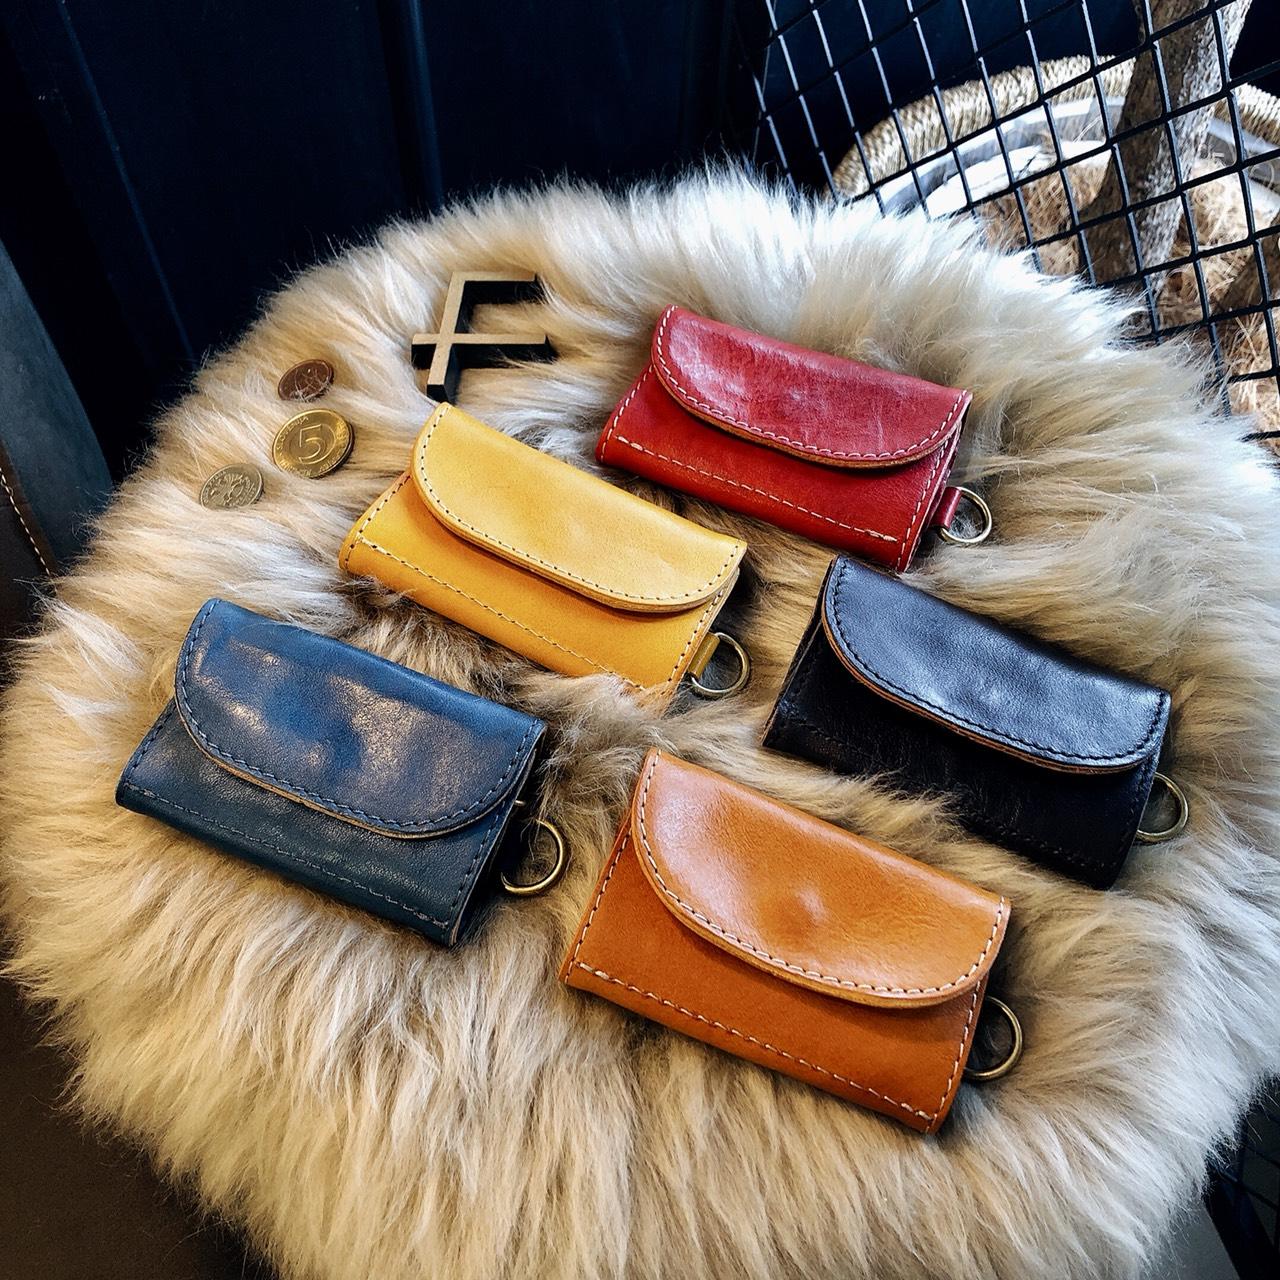 秋のファッションに映える色鮮やかなレザーアイテムが入荷しました🍁